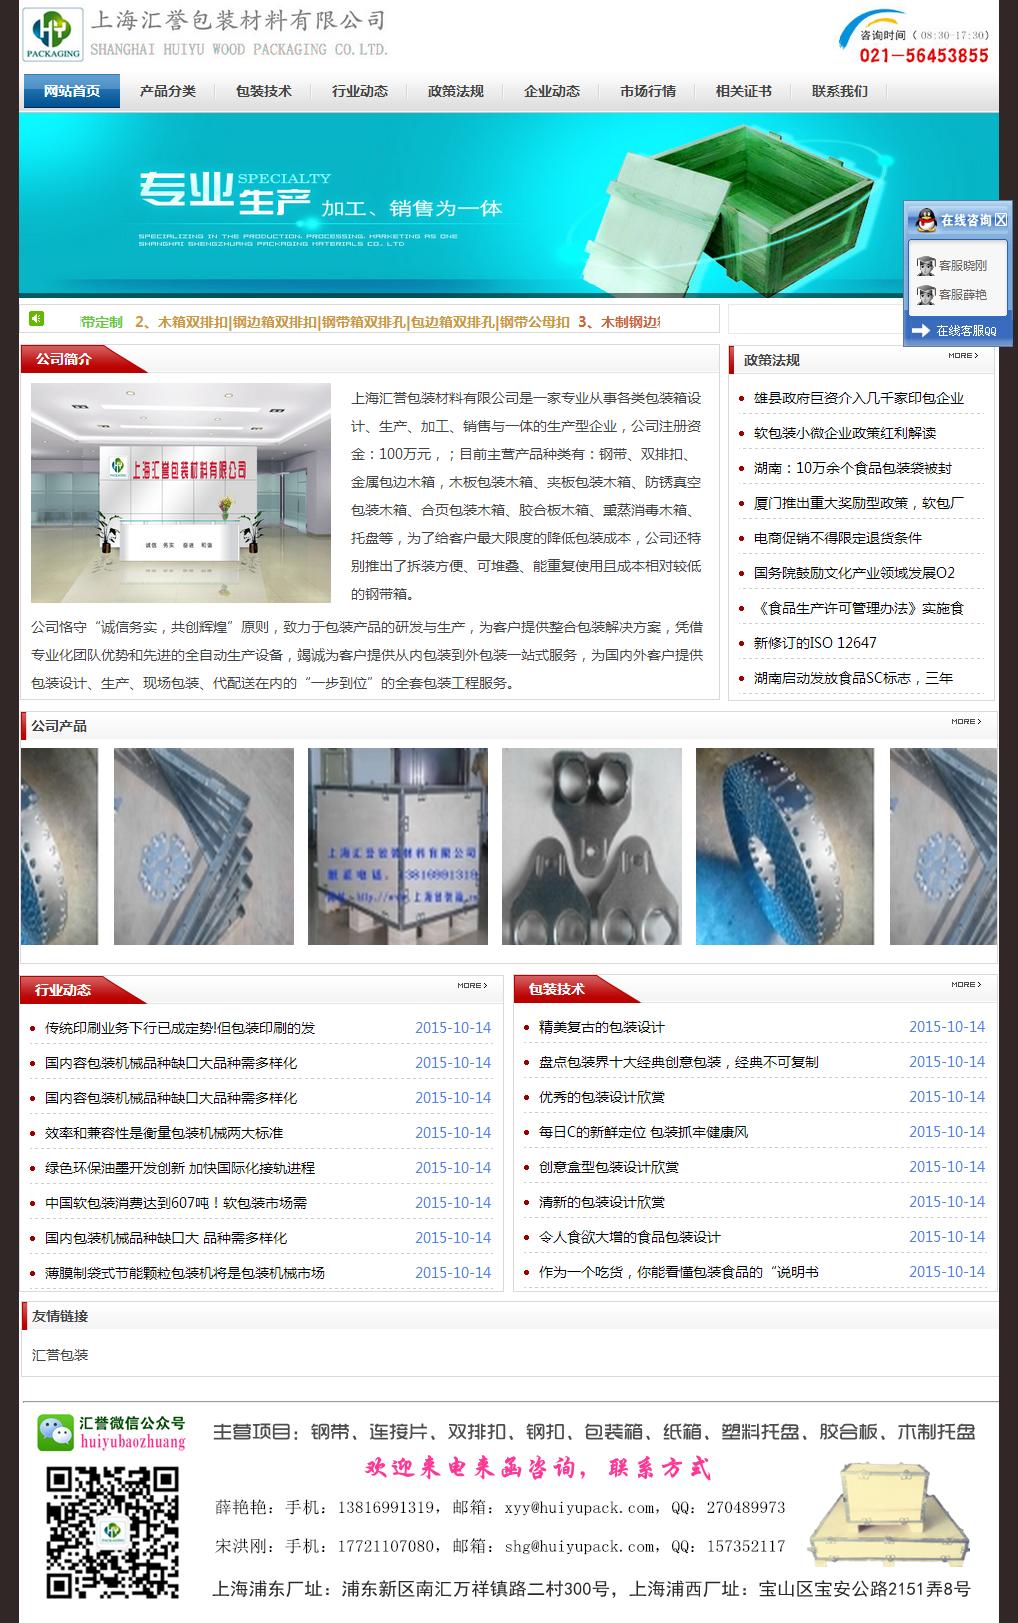 上海汇誉包装材料有限公司